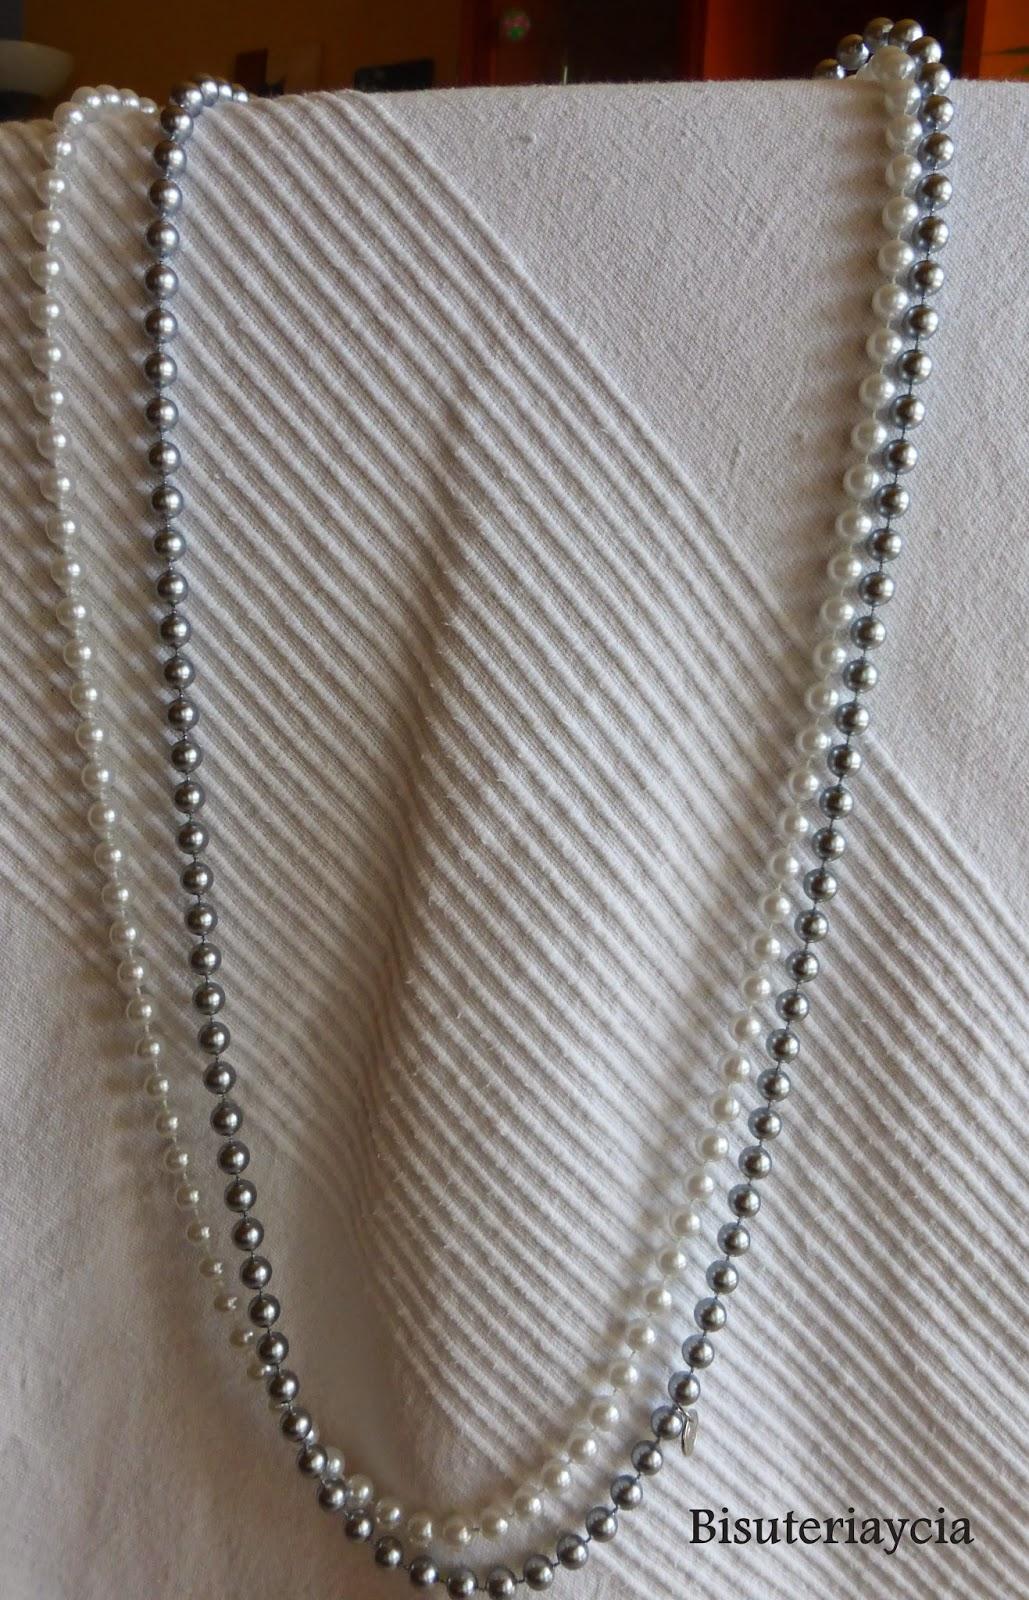 6f69474b51ee Empezaremos comprado dos collares super largos de perlas